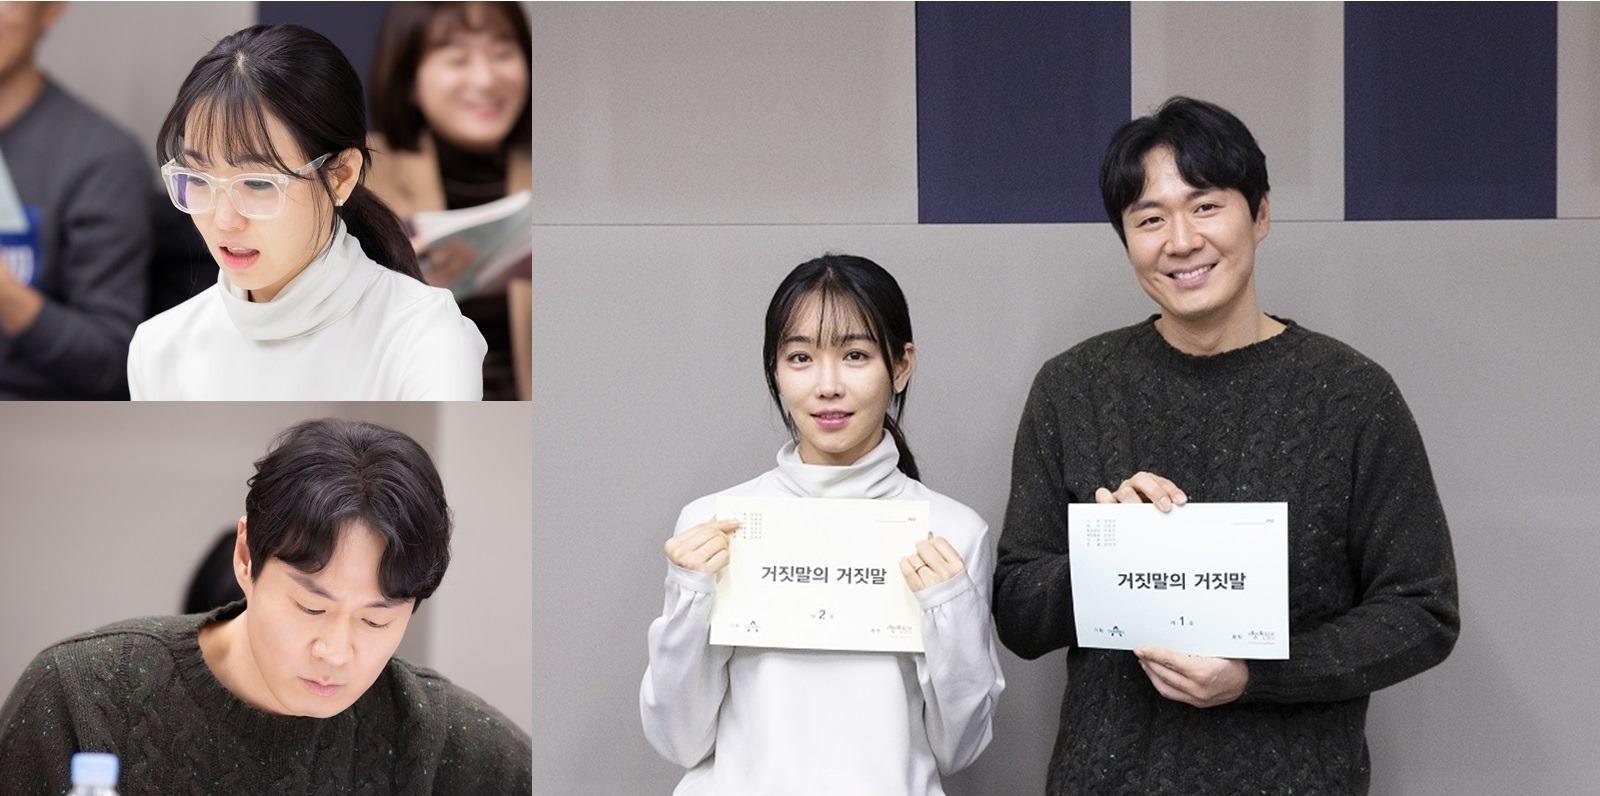 '거짓말의 거짓말' 이유리X연정훈, 첫 대본리딩 현장 공개... 기대감 만발